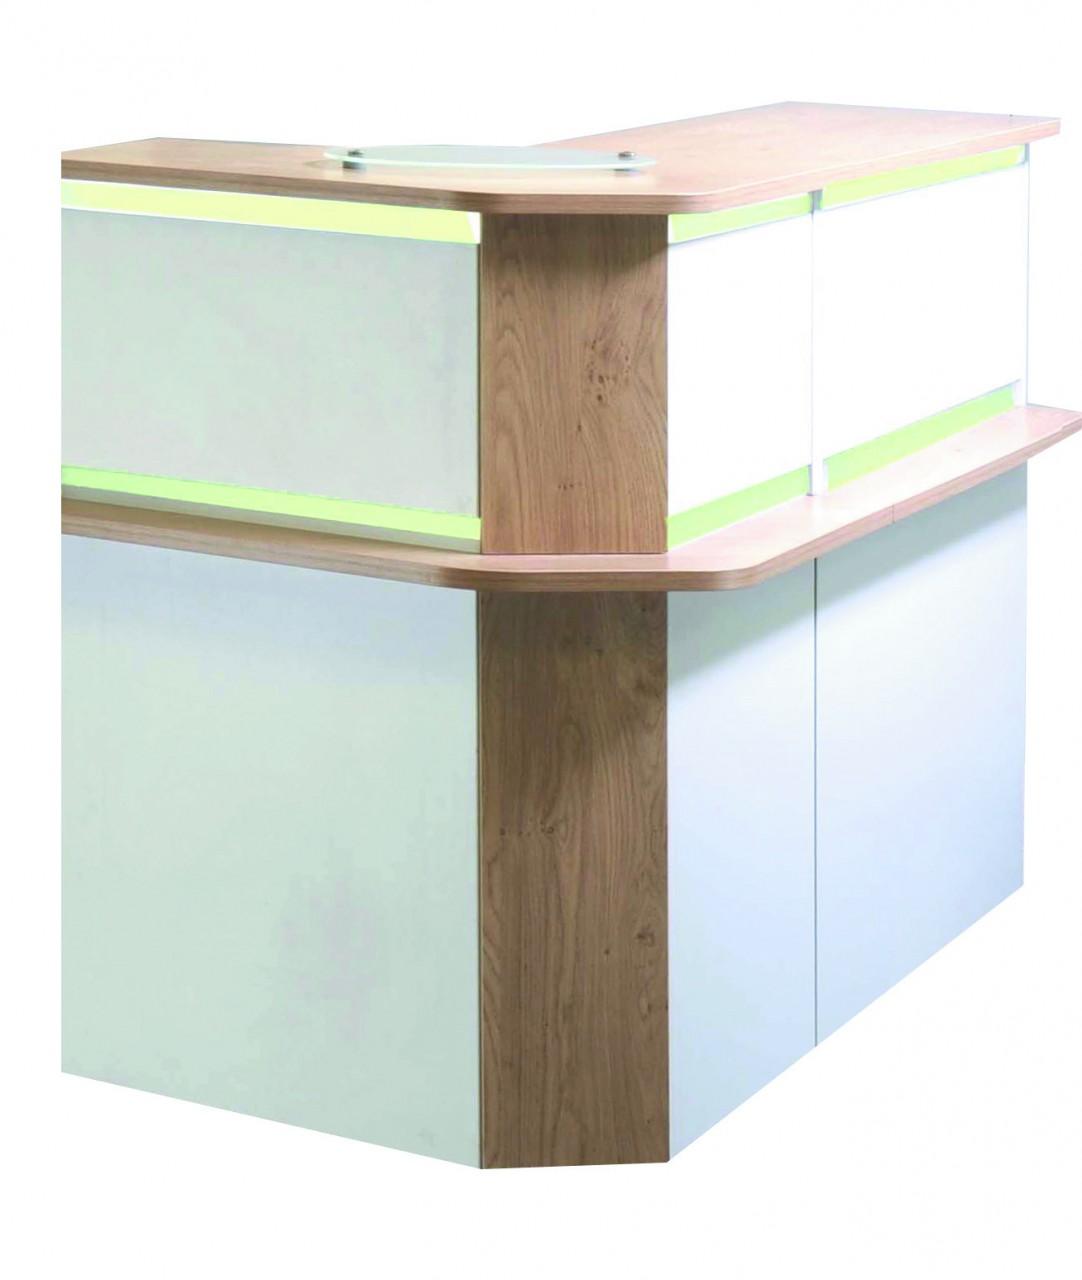 angle 90 banque d 39 accueil lum a achat mobilier accueil entreprise 180 00. Black Bedroom Furniture Sets. Home Design Ideas